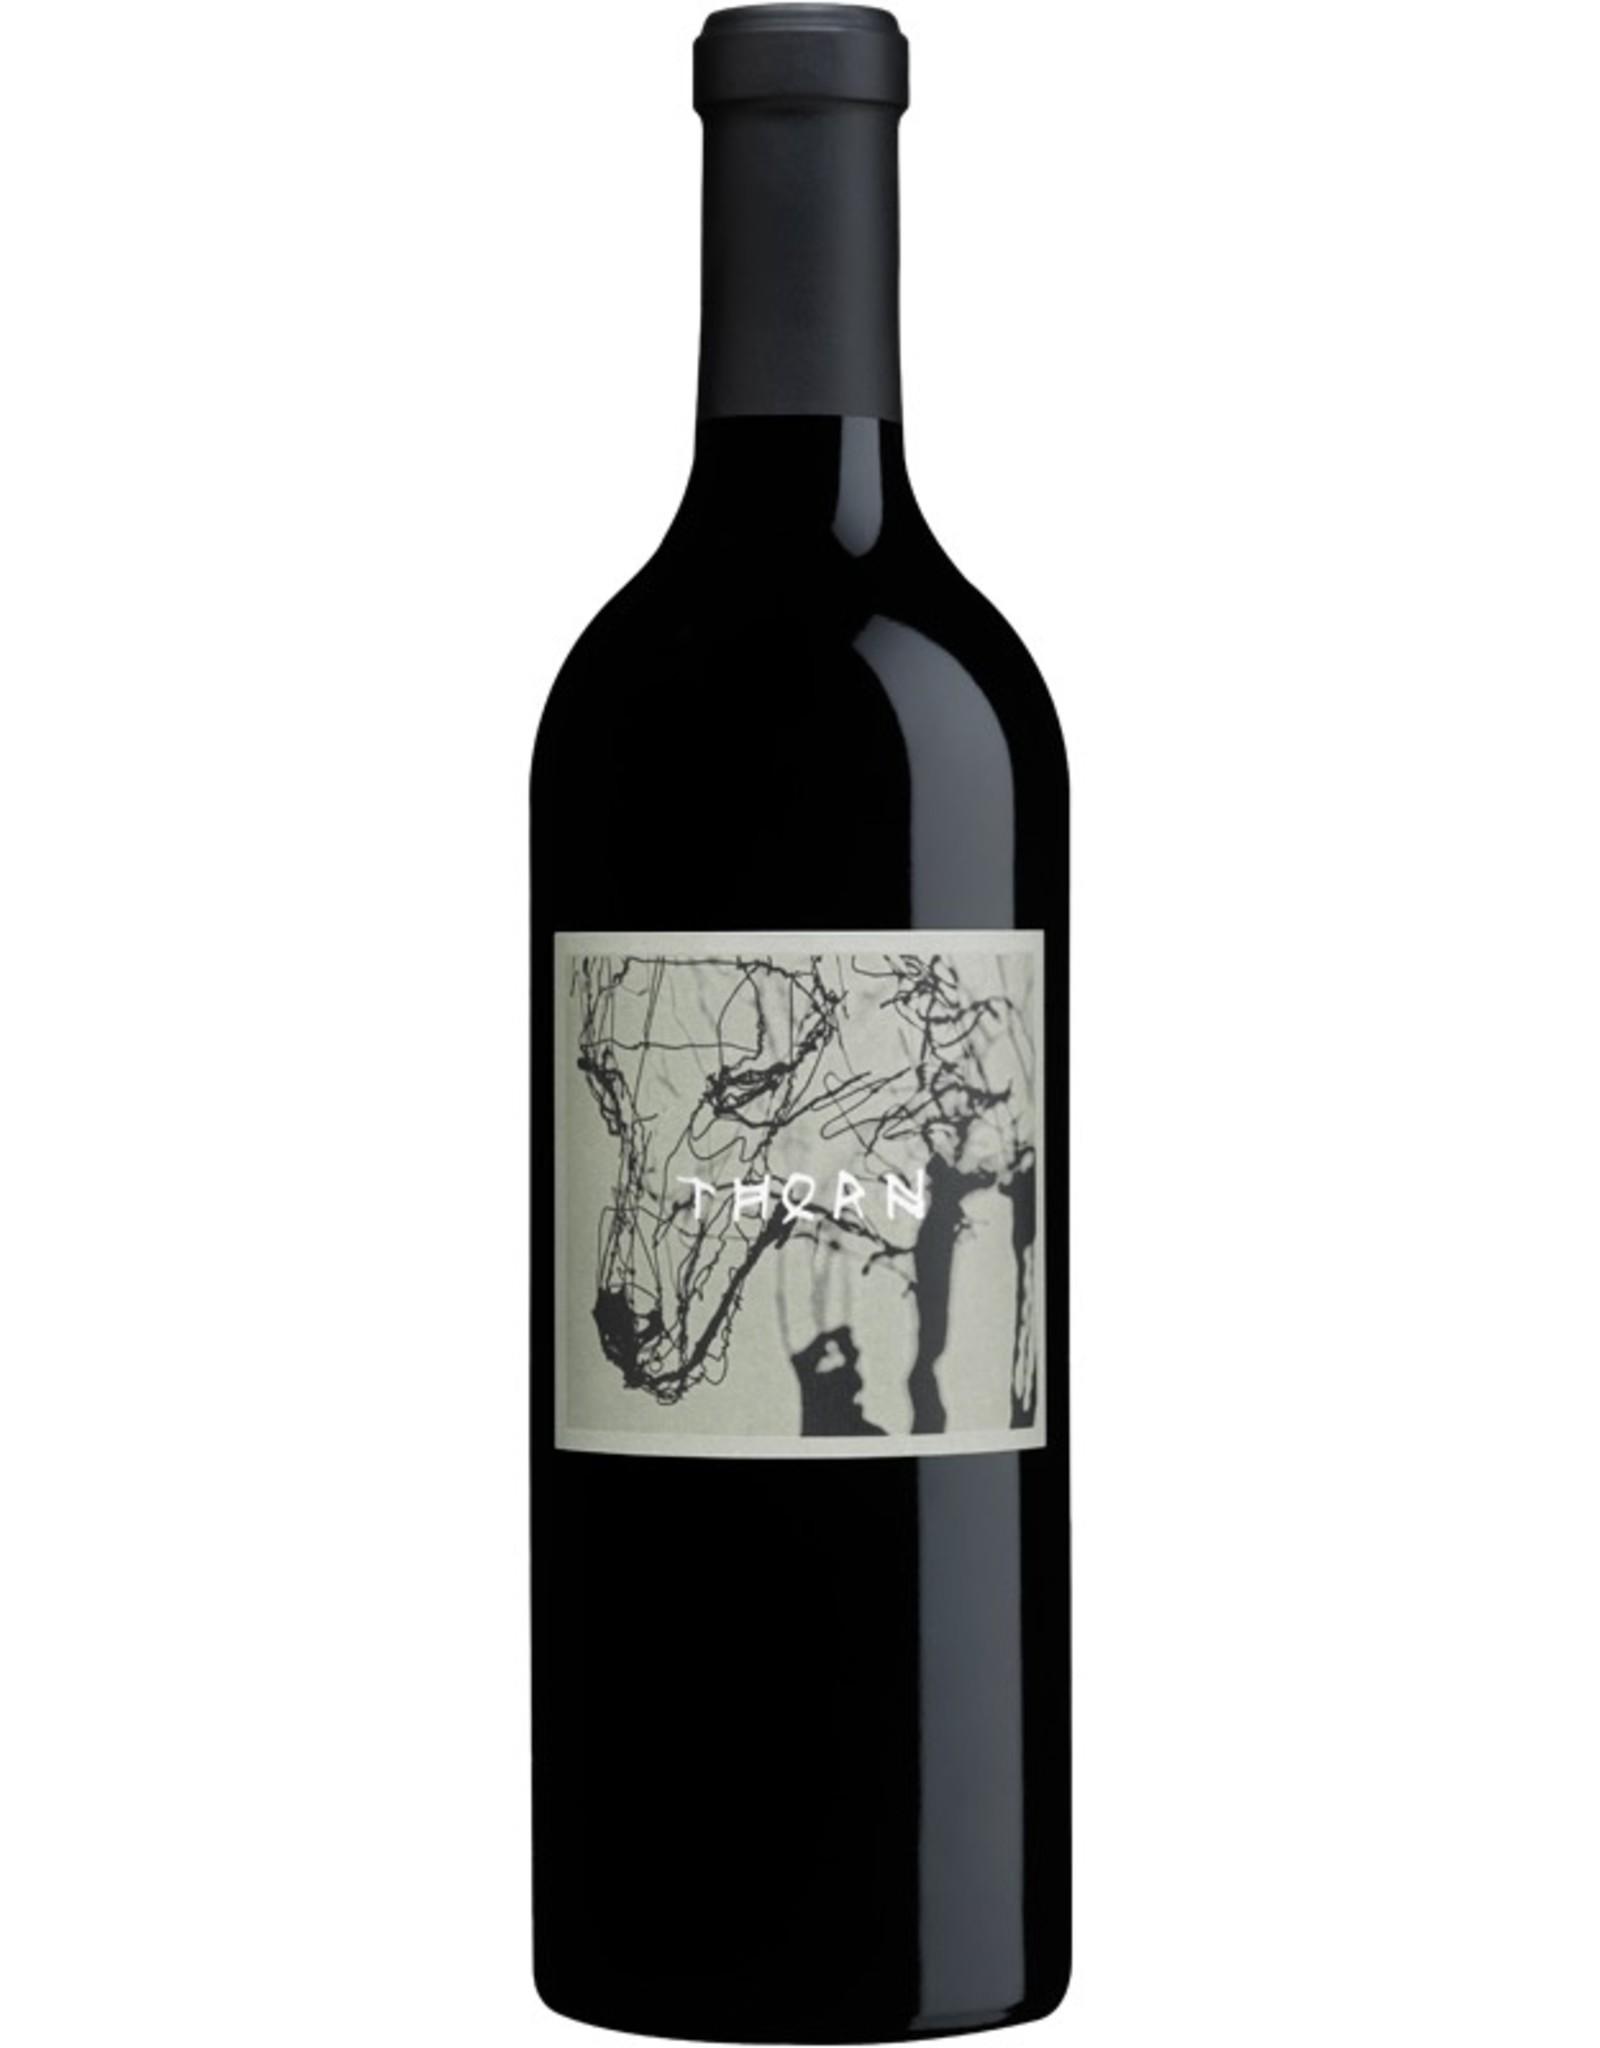 Red Wine 2016, Prisoner Wine Company Thorn, Merlot, Multi-AVA, Napa, California, 15.2% Alc, CT